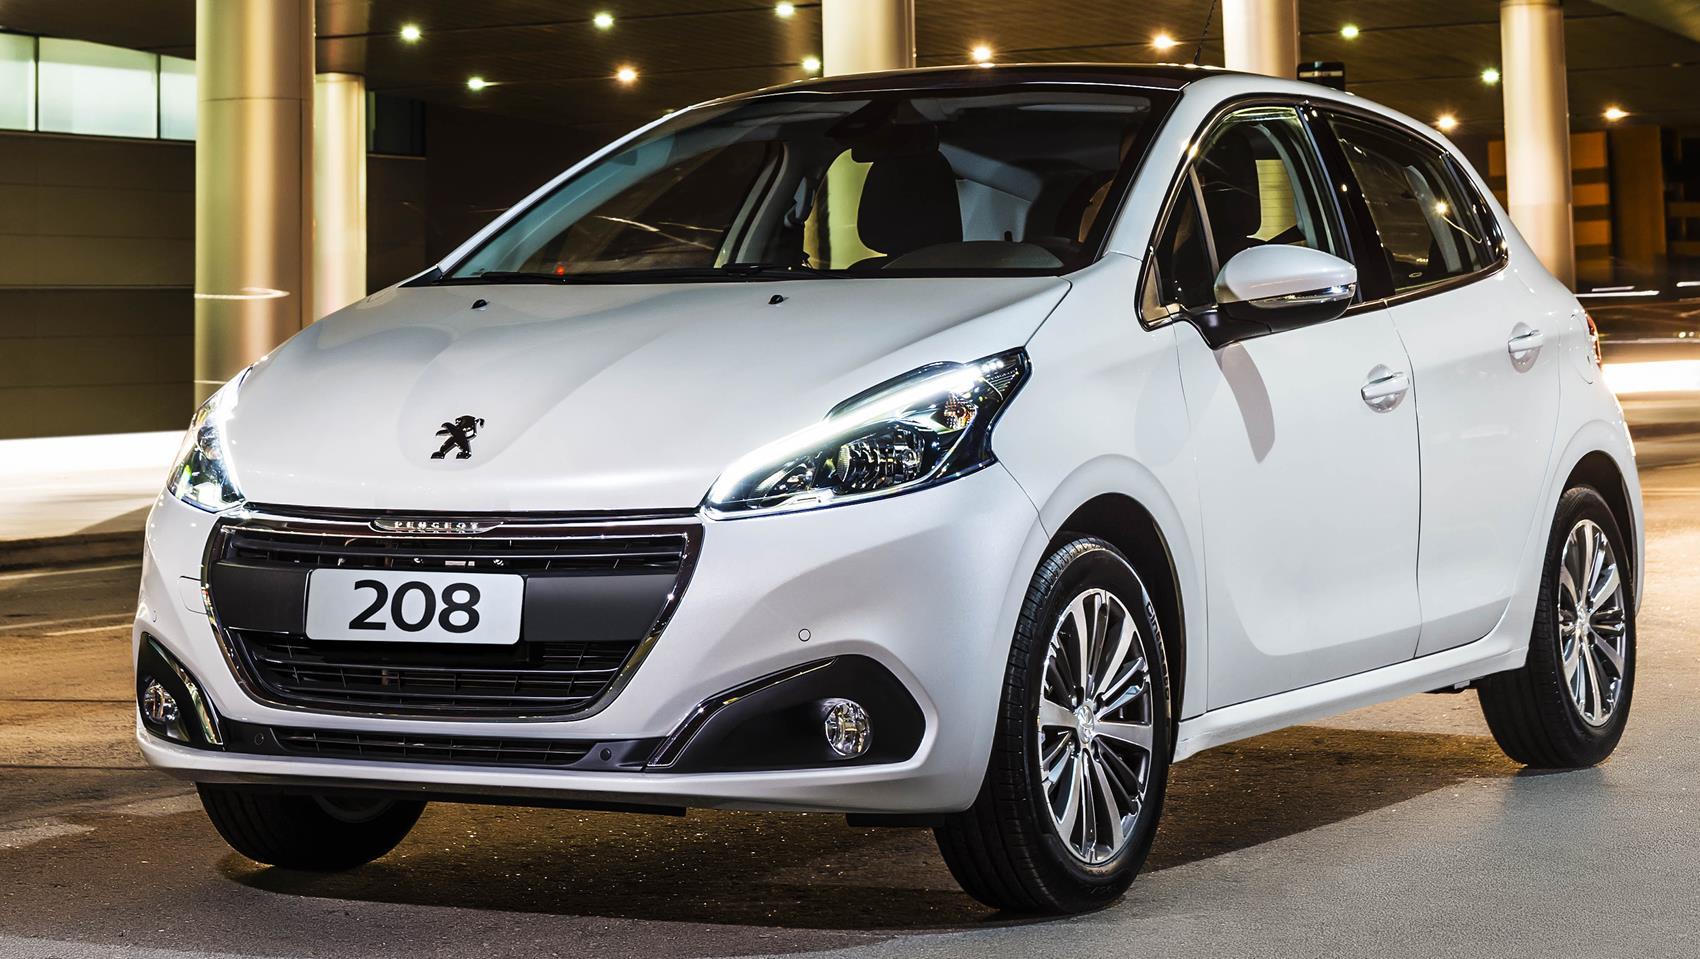 O eficiente Peugeot 208 com motor 1.2, um dos carros mais econômicos do Brasil, paga mais imposto do que um veículo 1.0 com tecnologia ultrapassada.